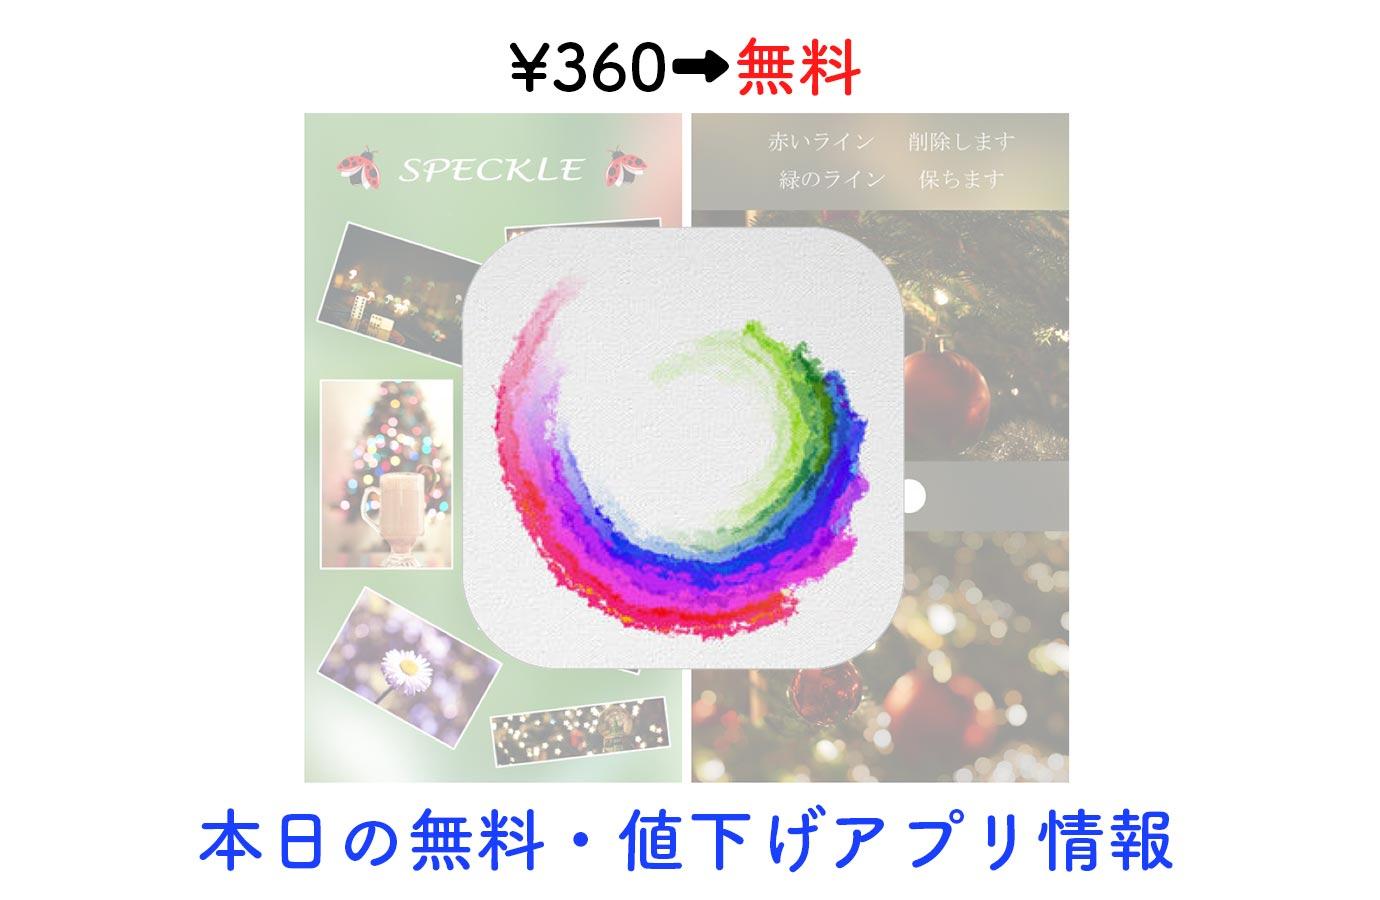 ¥360→無料、写真を水彩画や油絵風などに加工できる「Watercolor Effect Oil Painting」など【11/21】本日の無料・値下げアプリ情報